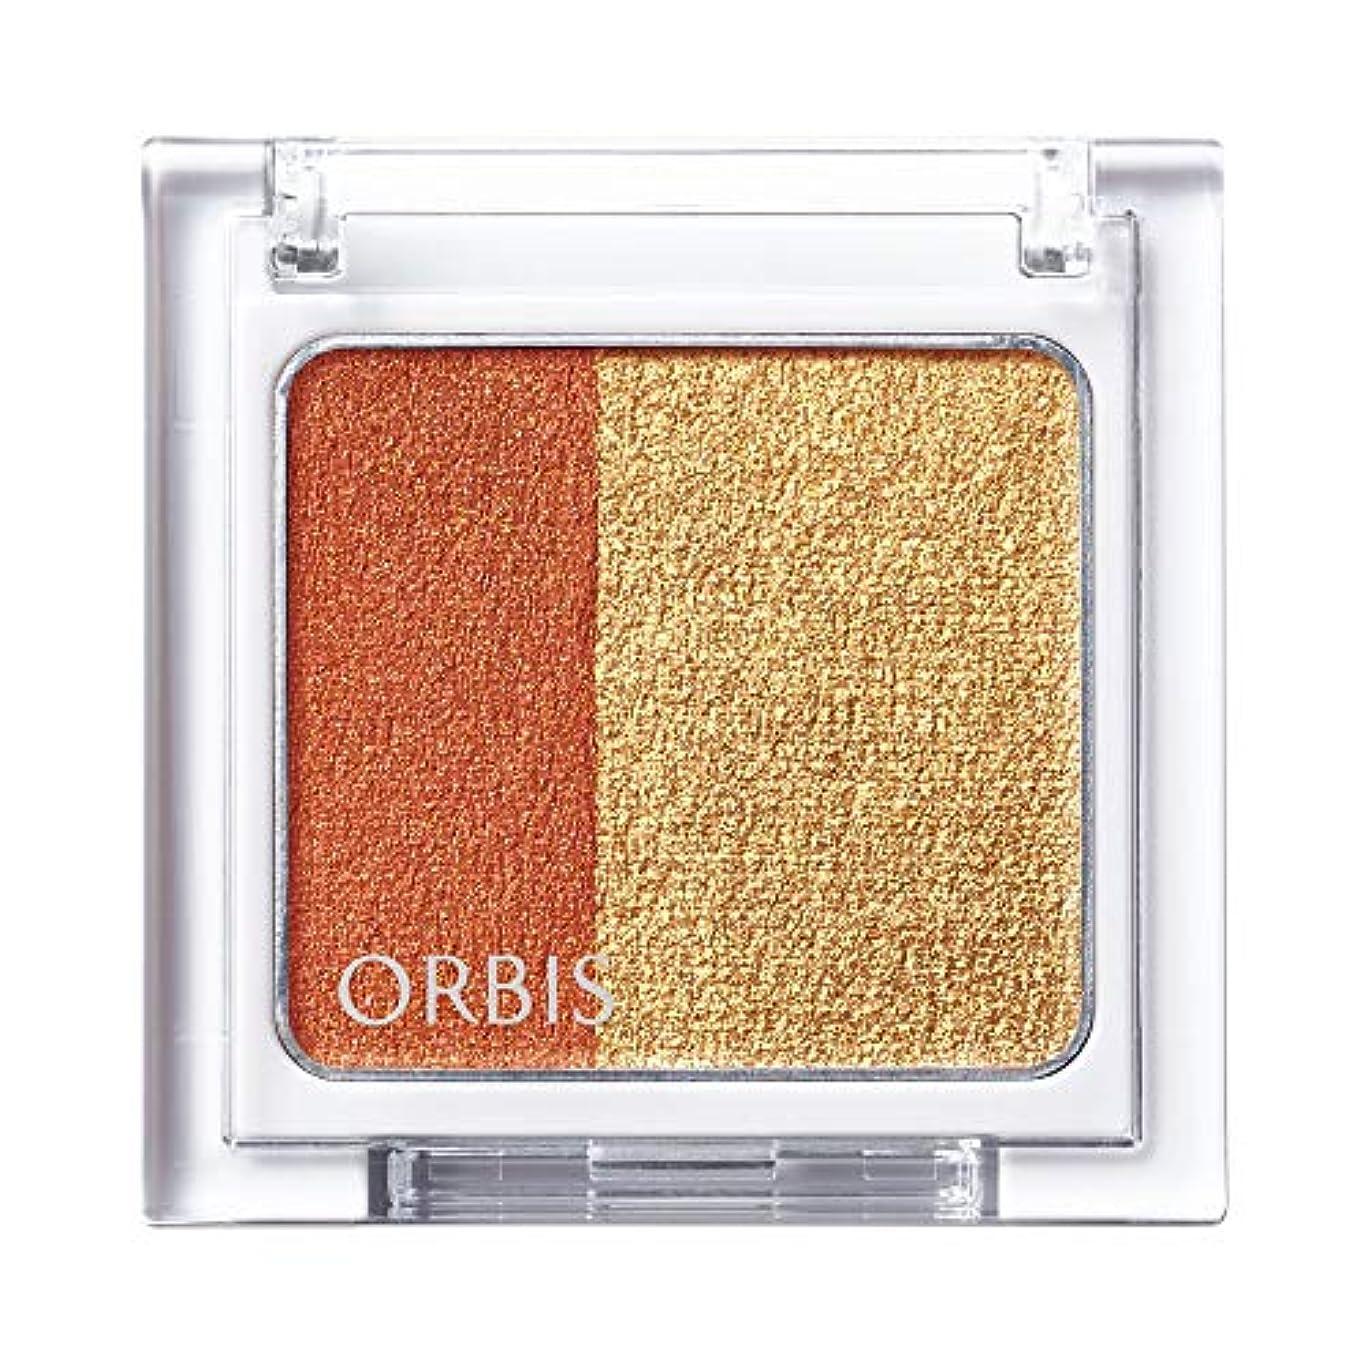 追い出す大脳報復オルビス(ORBIS) ツイングラデーションアイカラー オレンジブリック(パウダータイプ) ◎アイシャドウ◎